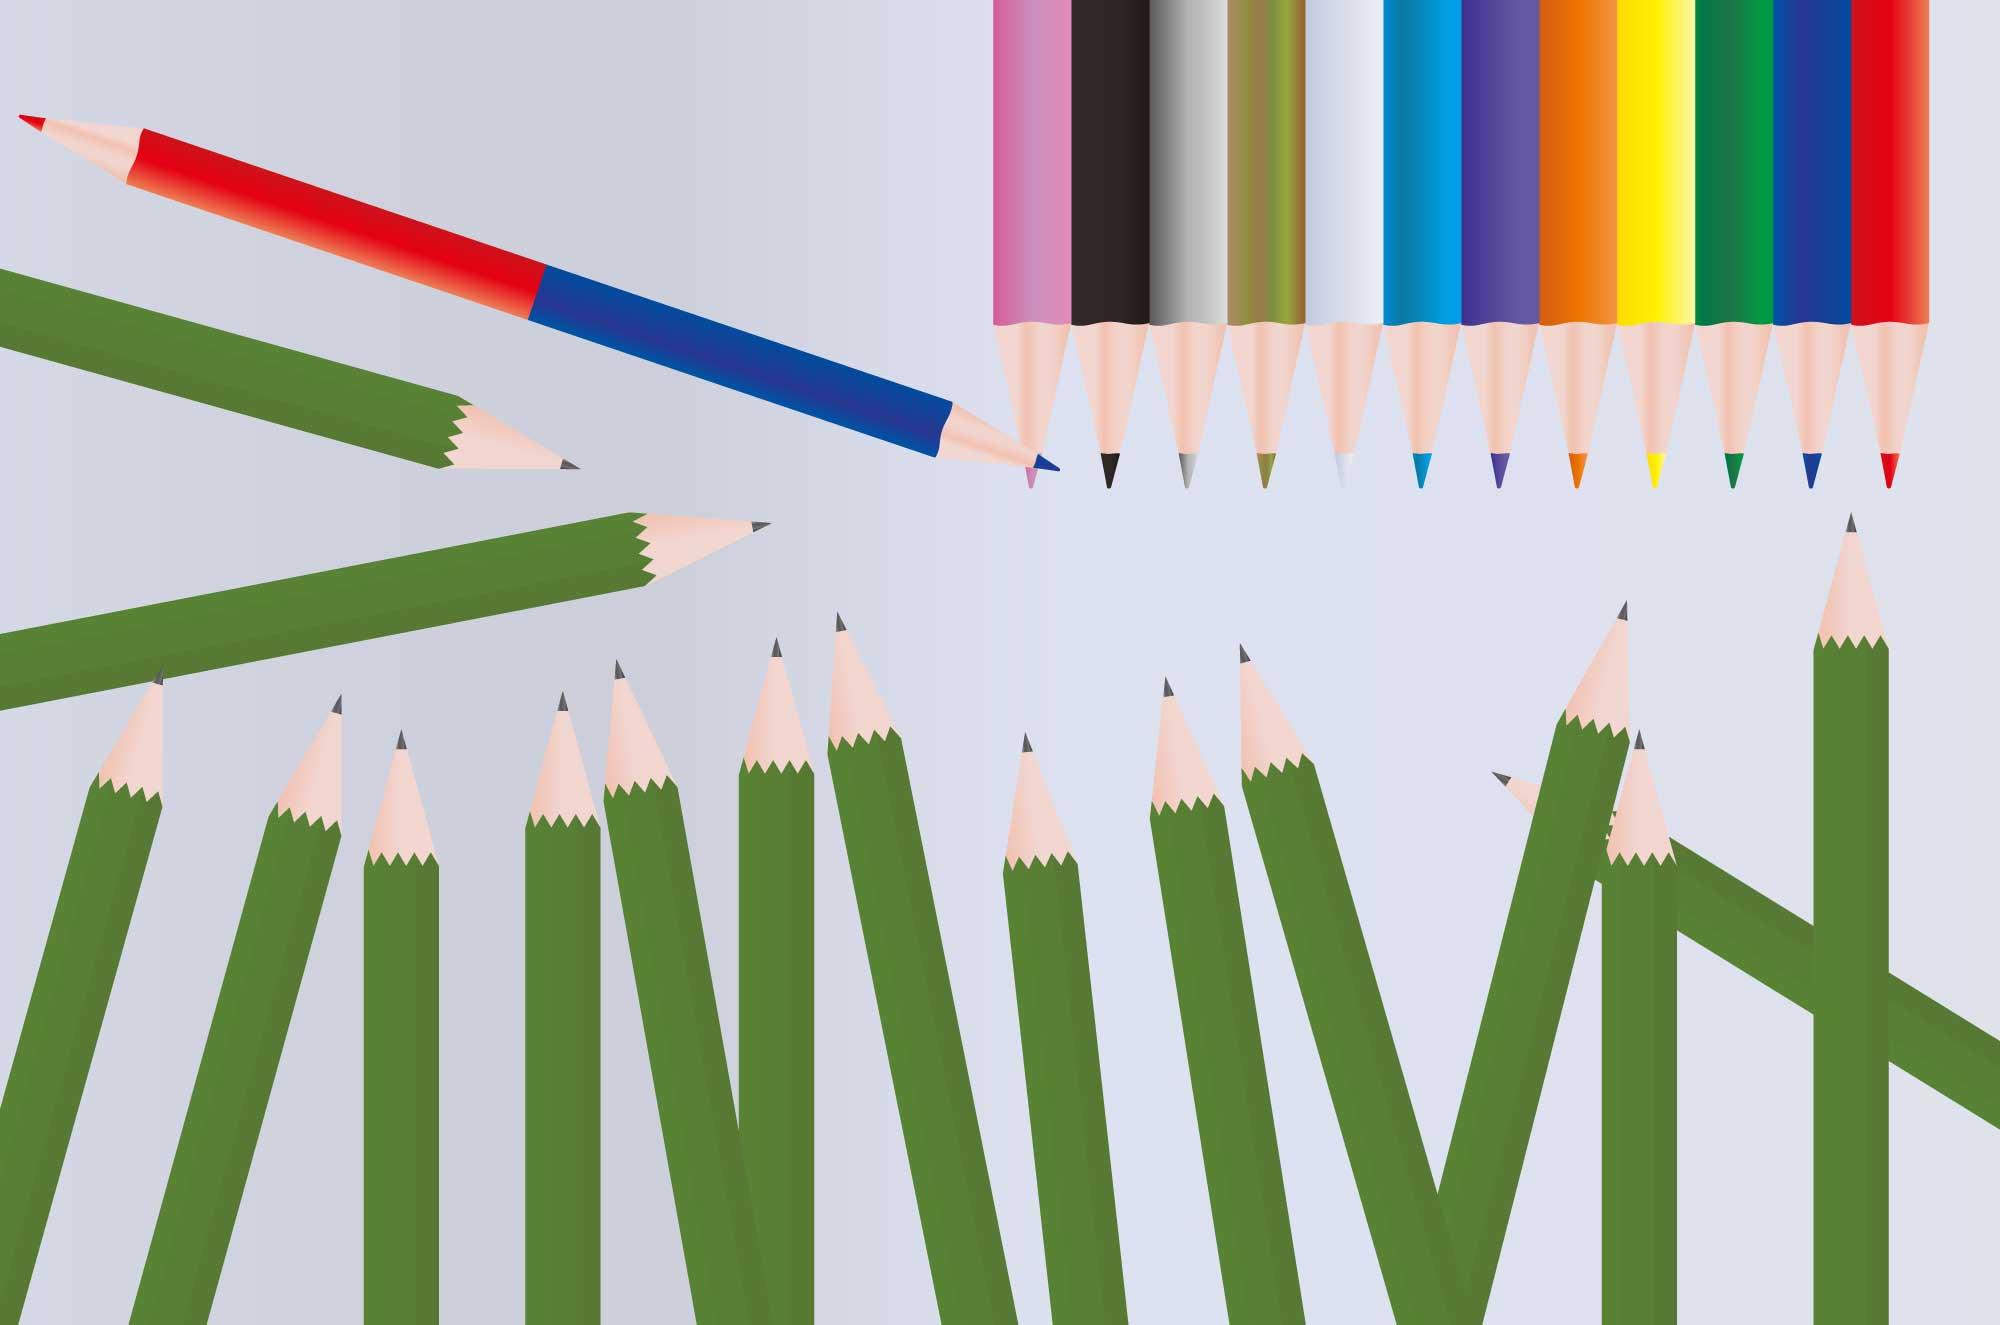 鉛筆イラスト - アイコン・色鉛筆・9H〜6Bの無料素材